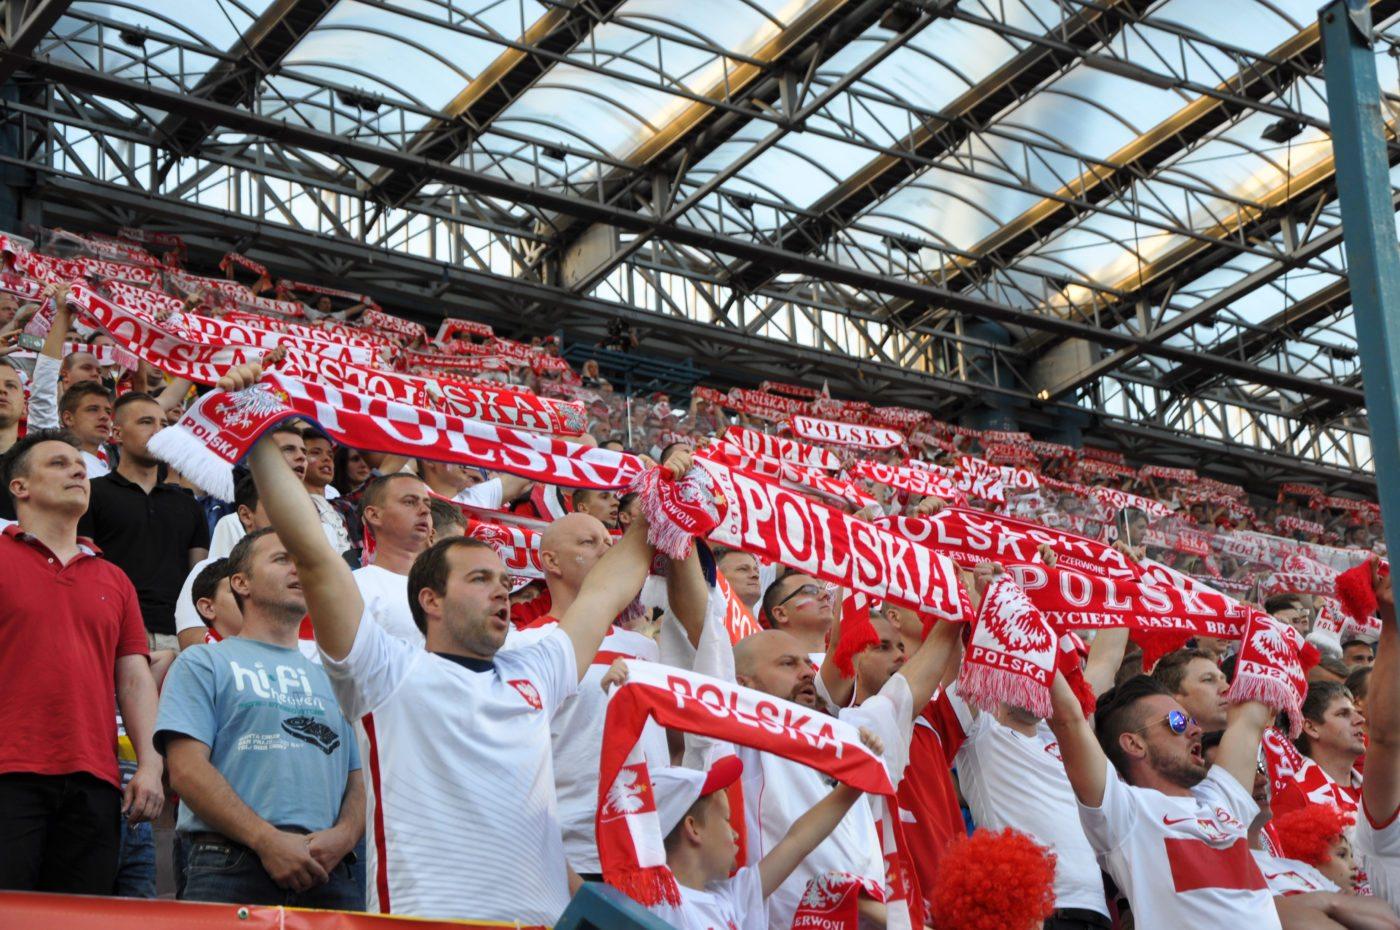 Wiara czyni cuda, czyli polskie nastroje przed meczem z Kolumbią